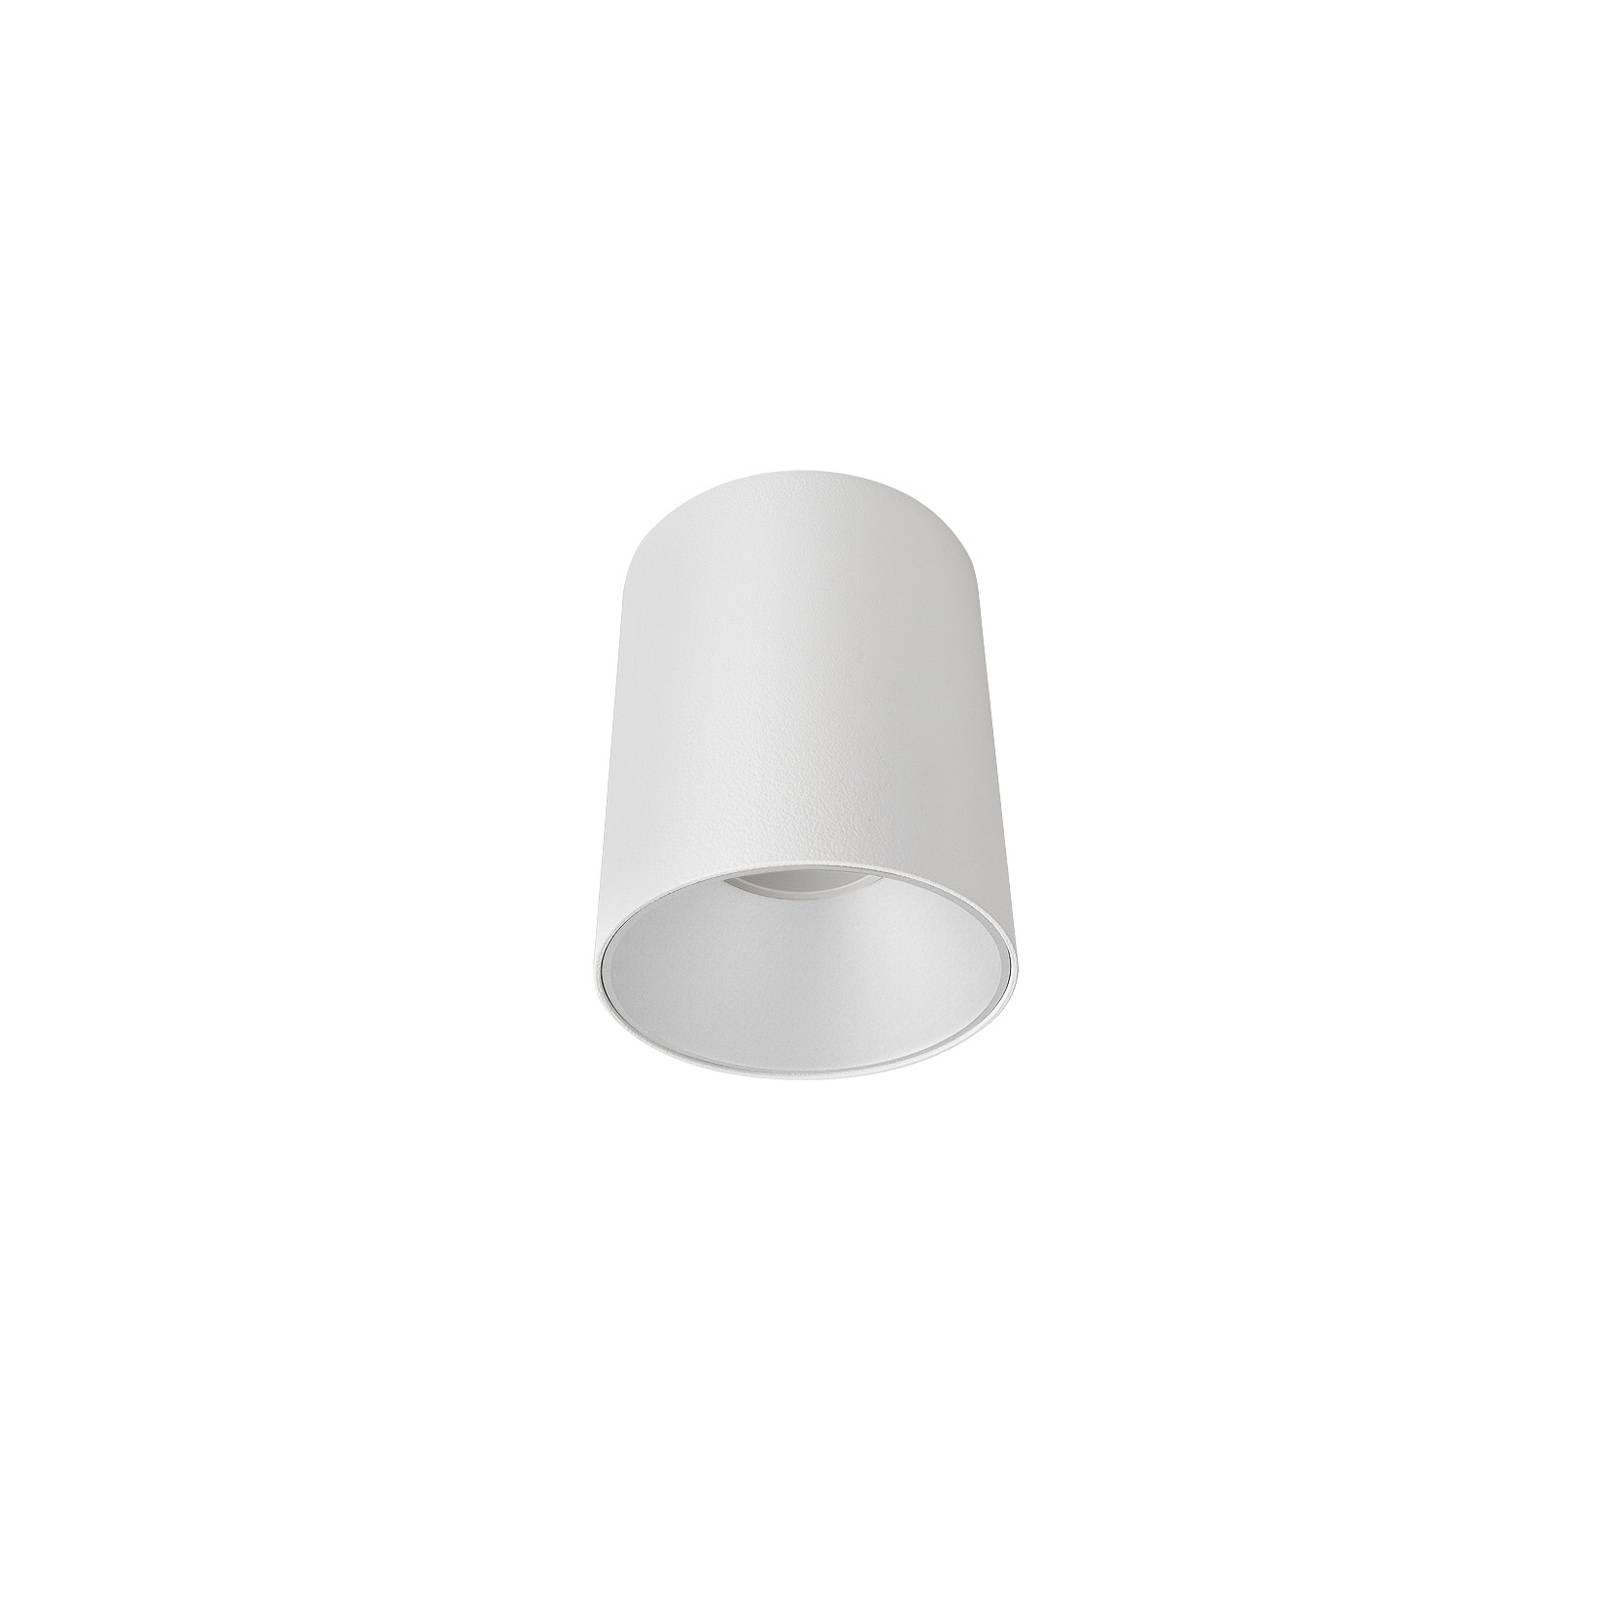 Deckenstrahler Eye Tone in Zylinderform weiß